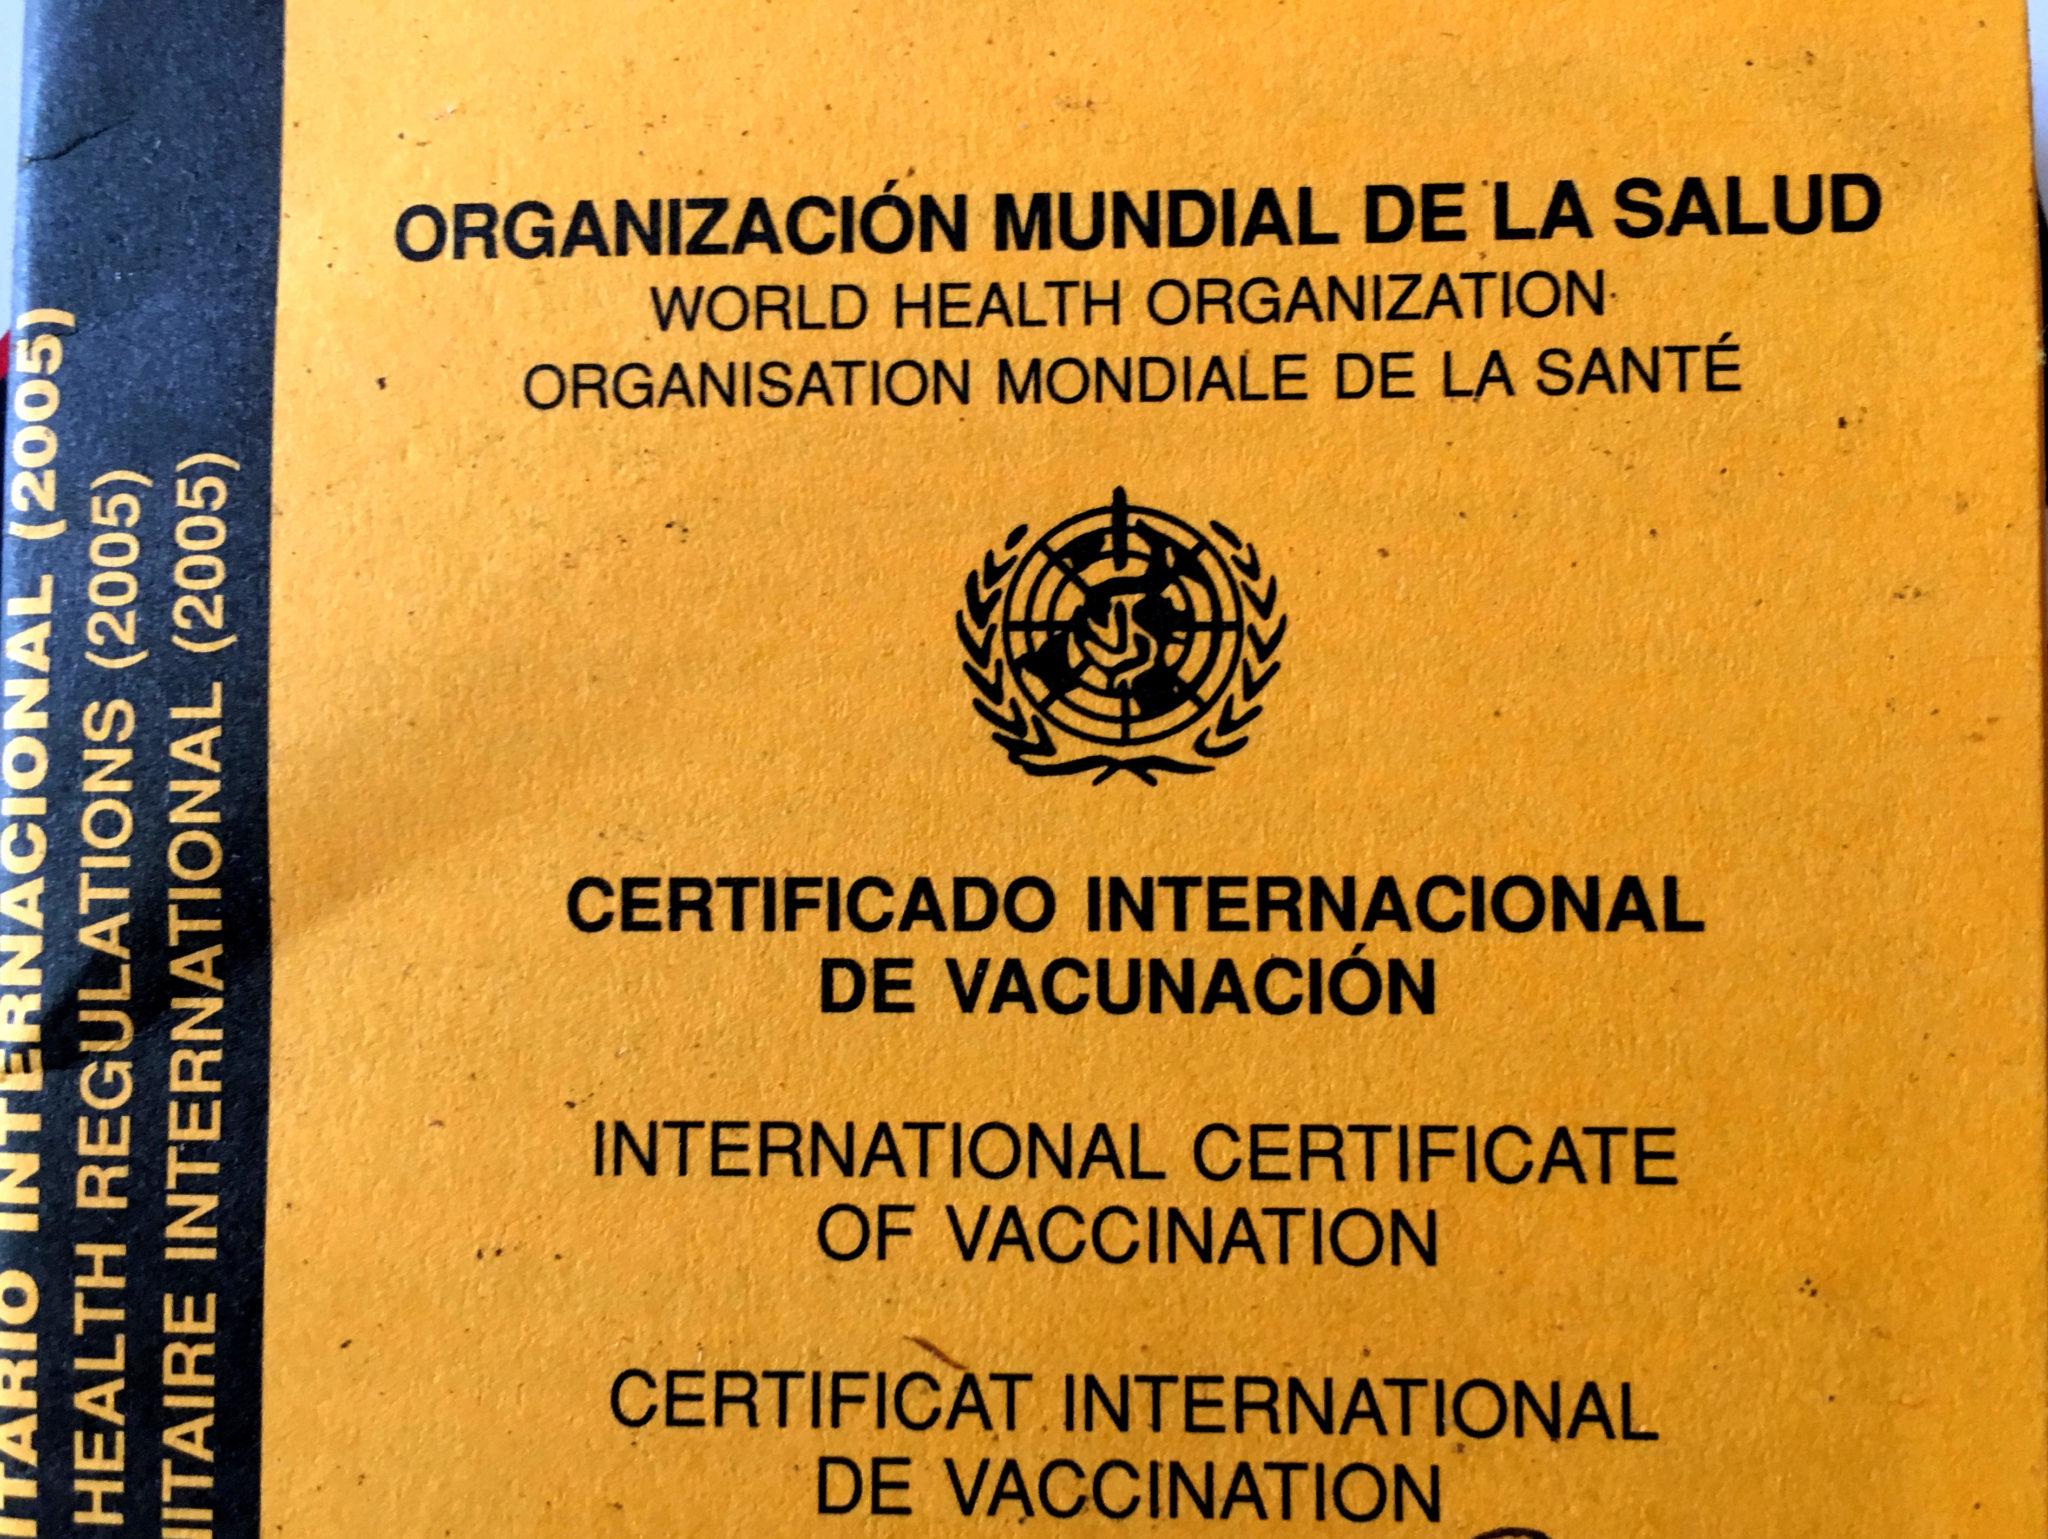 vacunaspara viajar a madagascar